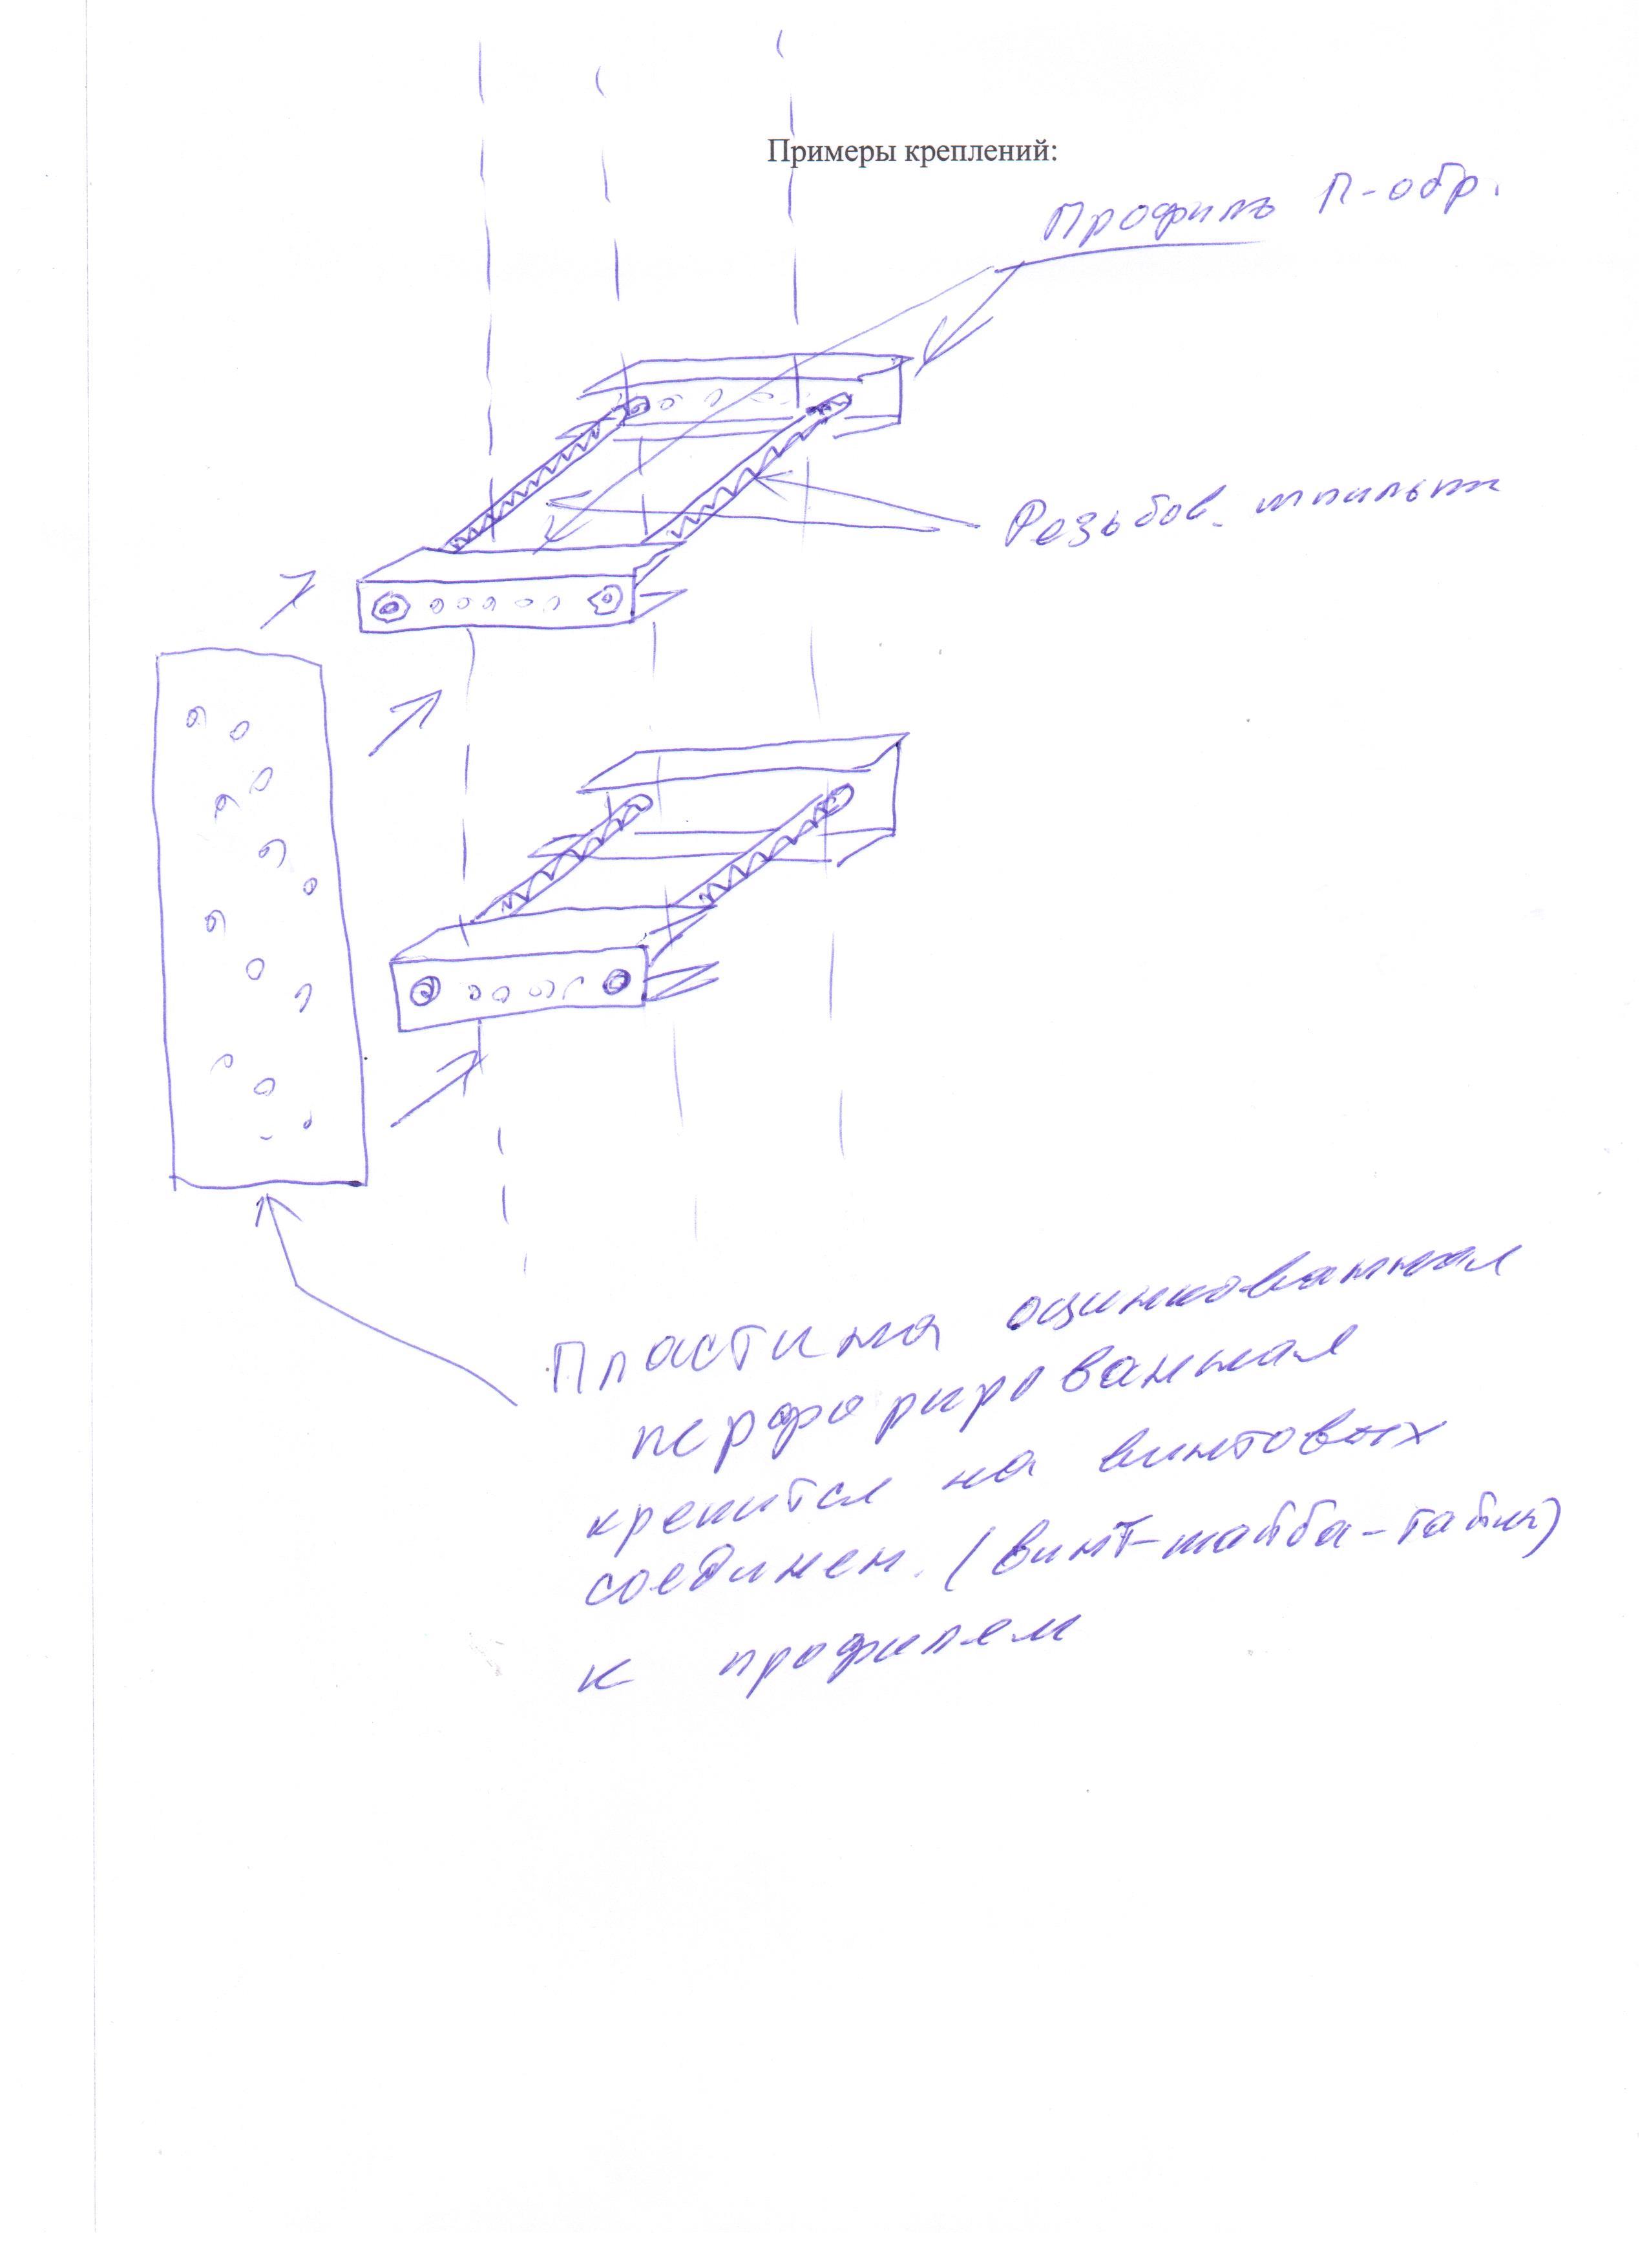 проектировщик обязан шевелить мозгами 1